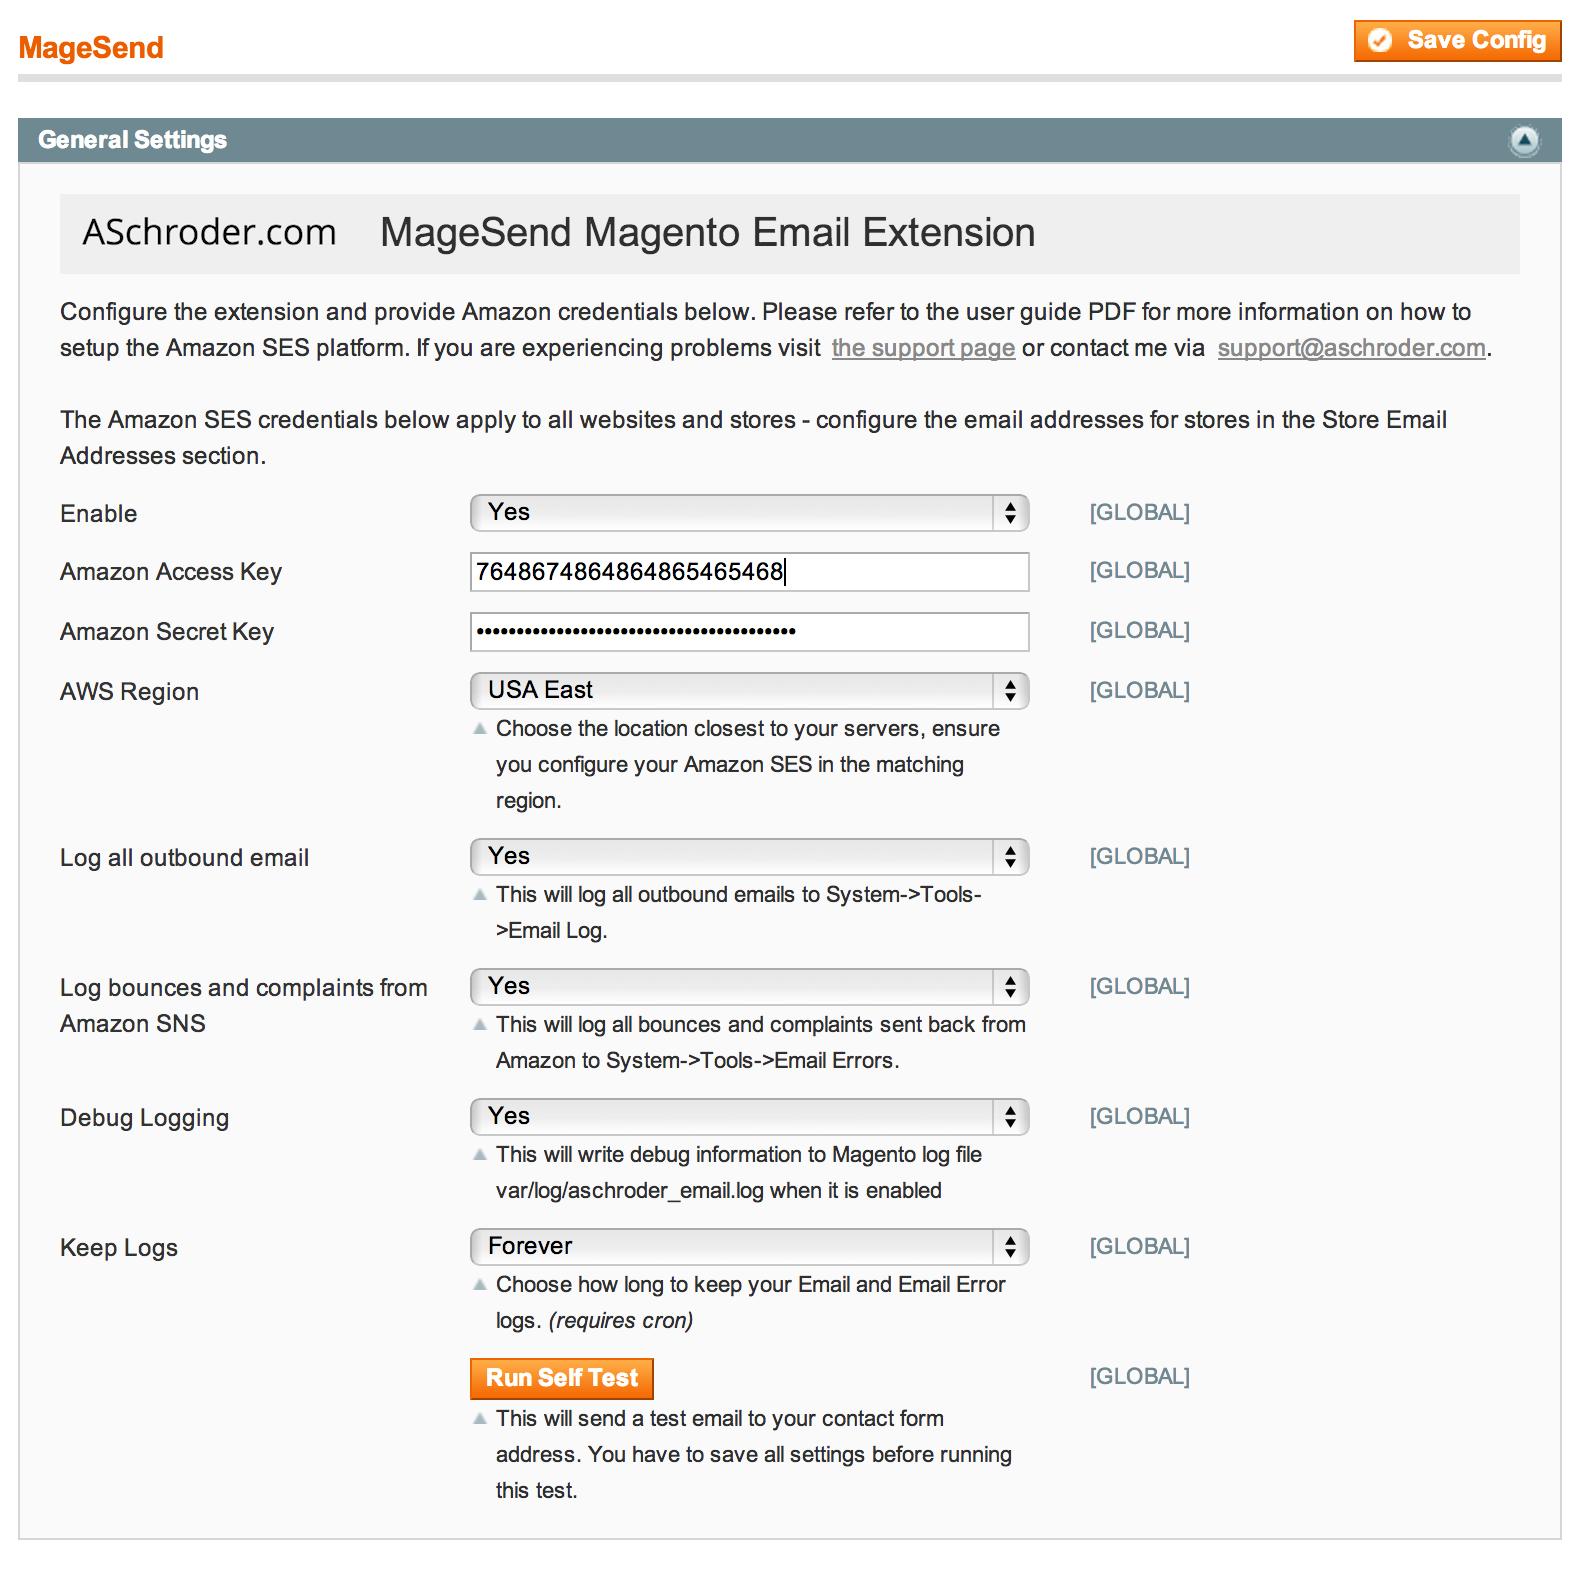 magesend magento email aschroder com rh aschroder com Kindle Fire User Guide Kindle Fire User Guide